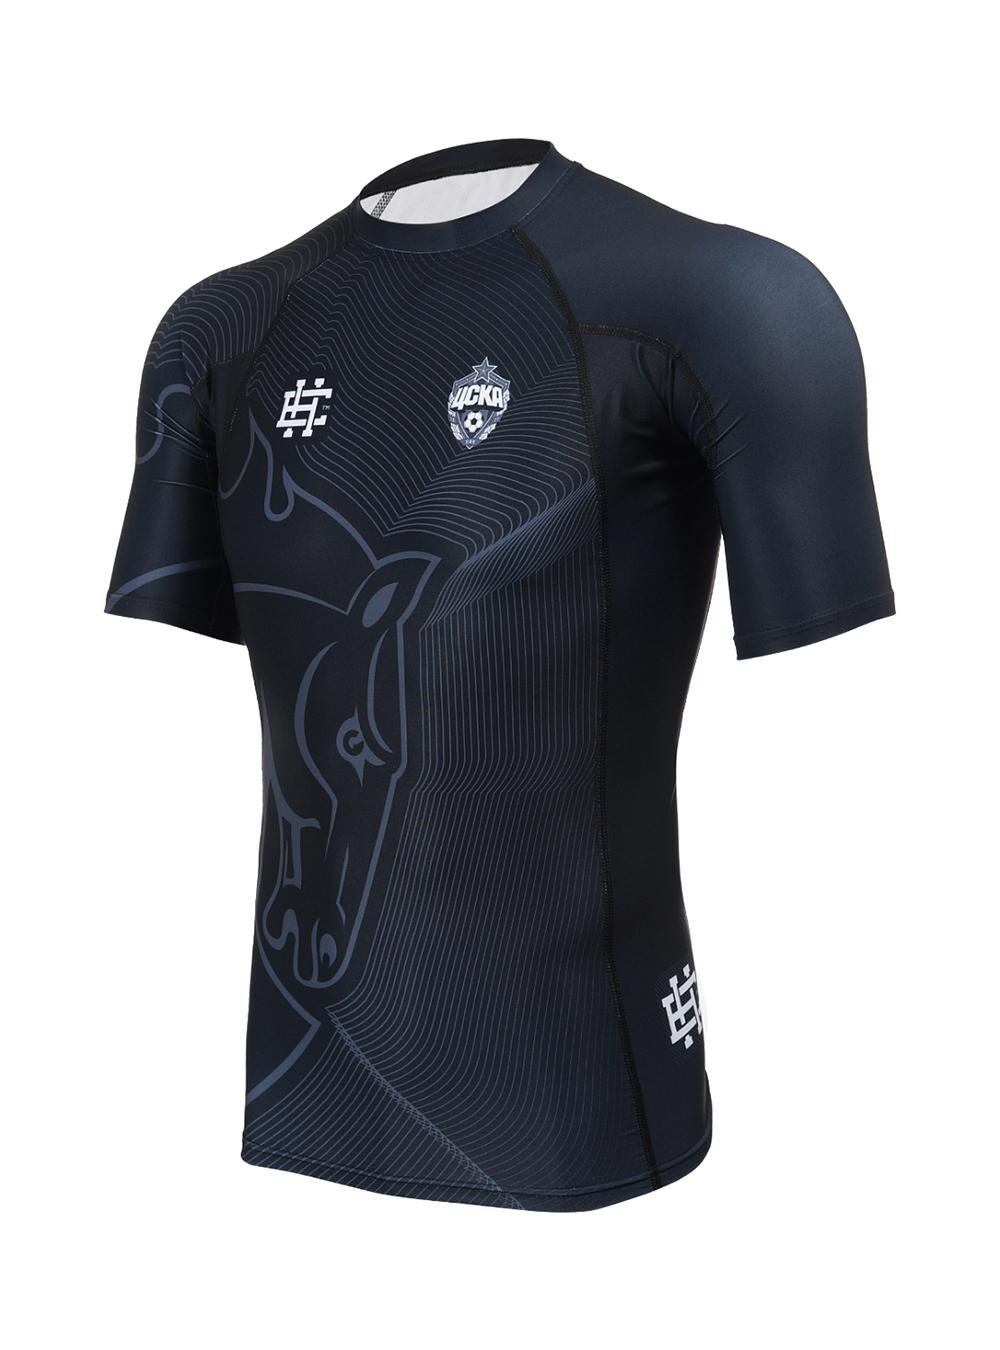 Рашгард мужской с коротким рукавом Талисман черный (XL)Одежда для спорта<br>Рашгард мужской с коротким рукавом Талисман черный<br>